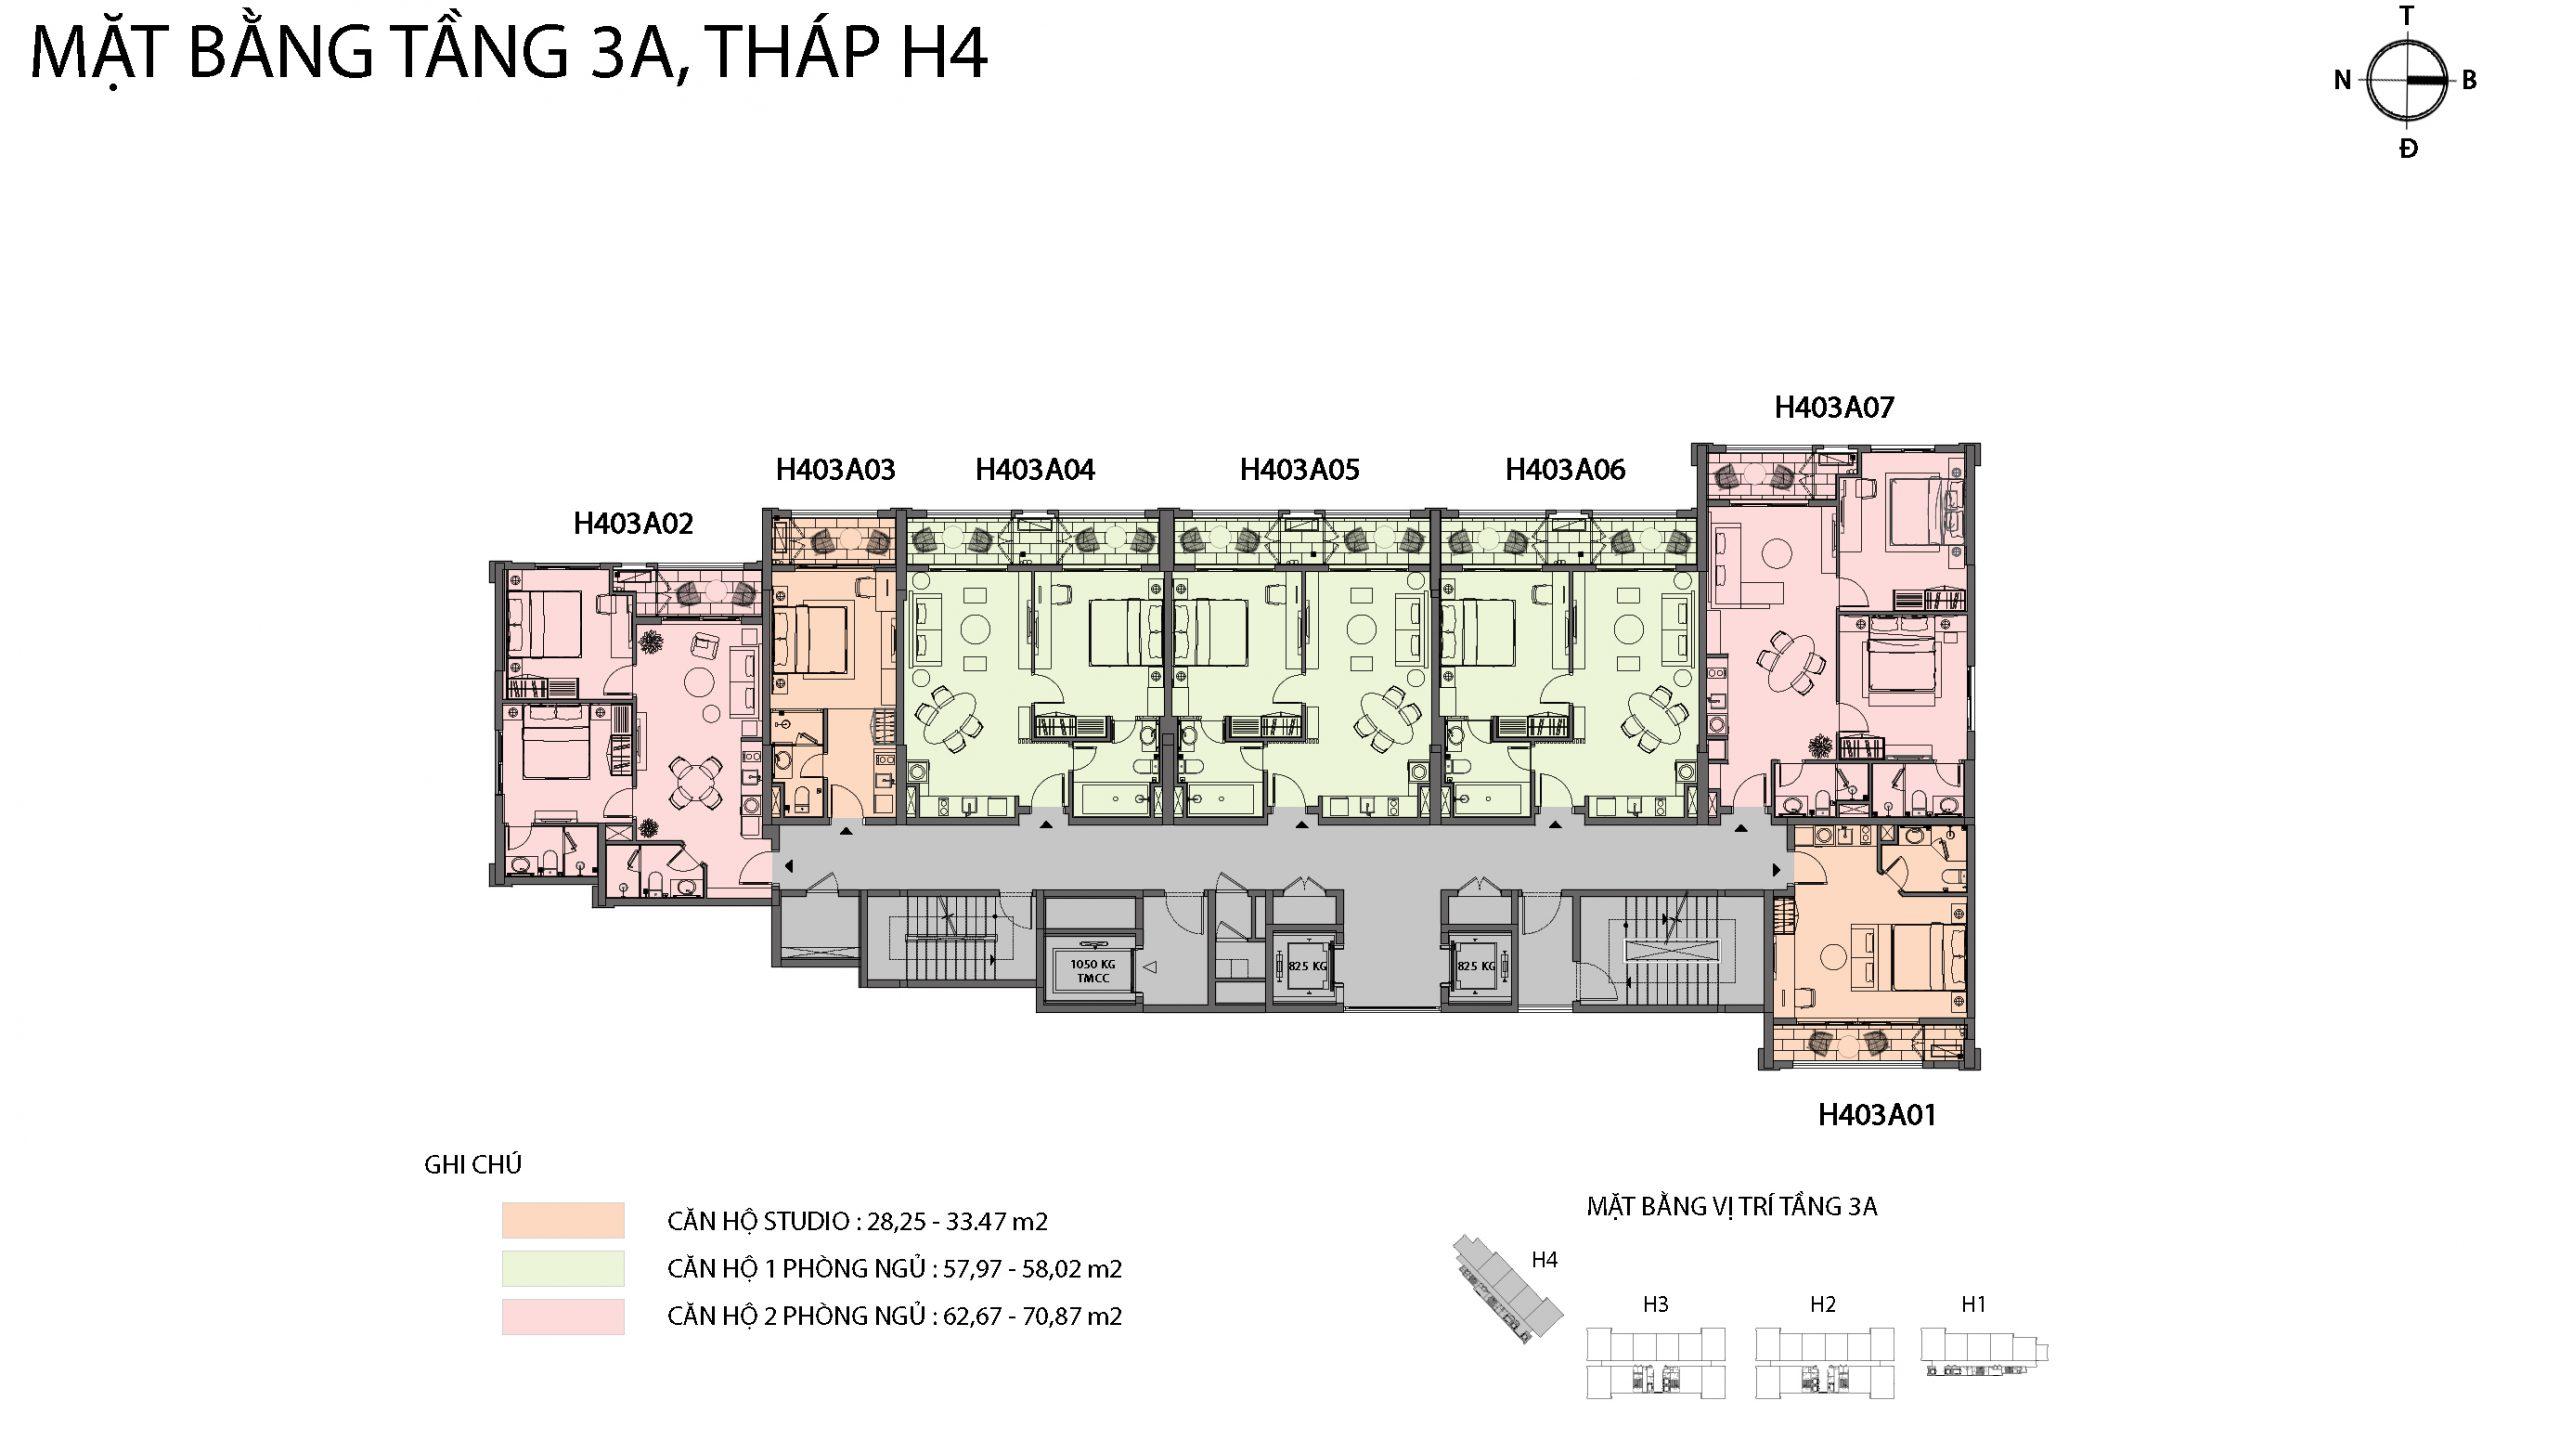 Mặt bằng chi tiết tòa căn hộ H4 - Sun Grand City Hillside Residence 2